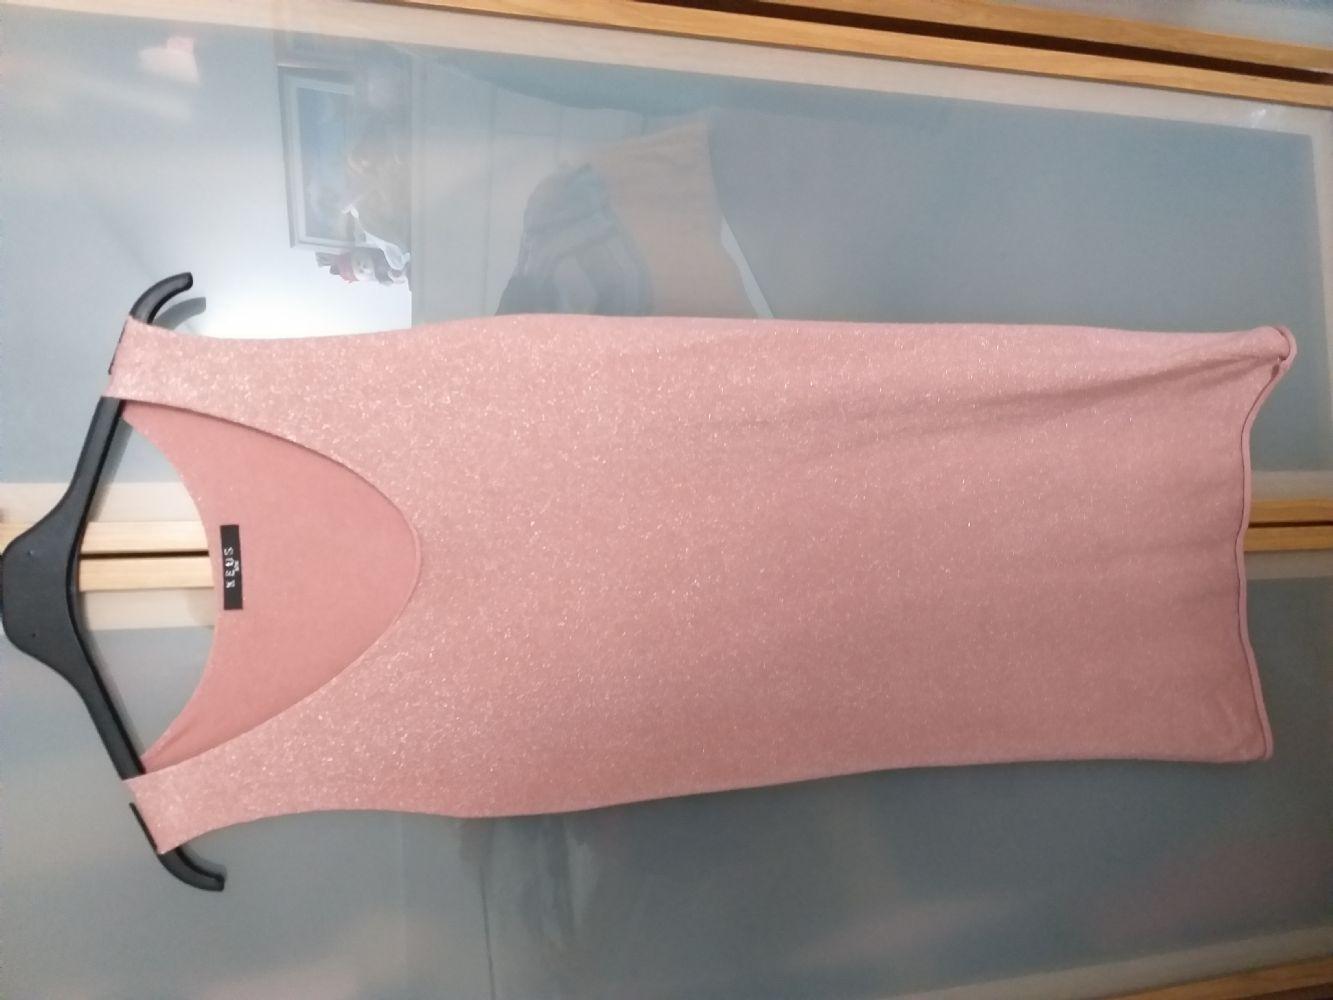 8aedd372d214 Descrizione Vestito tutto l anno usato 2 volte una volta inverno e una  volta in estate. Il tesuto elastico e si può usare sia elegante che  sportivo.